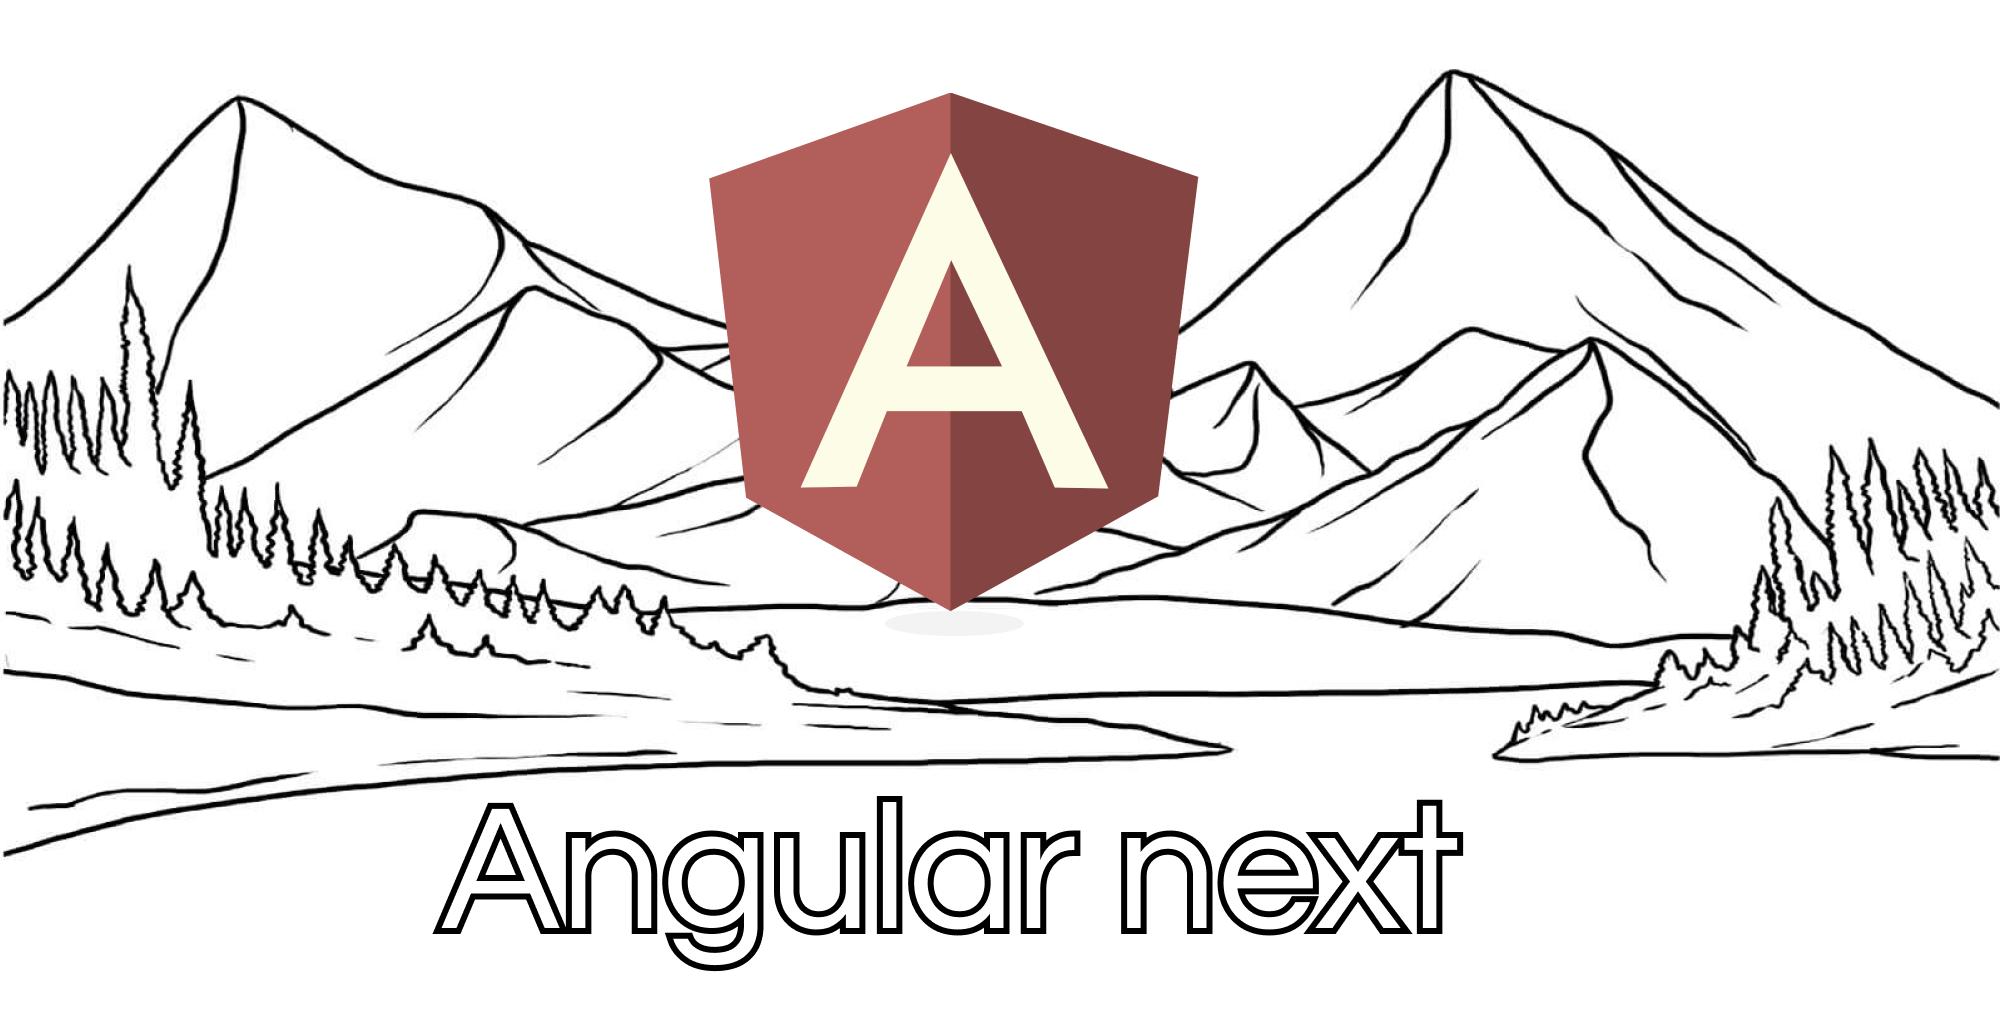 Что готовит нам Angular? Заметки из changelog, новый синтаксис шаблонов, Ivy